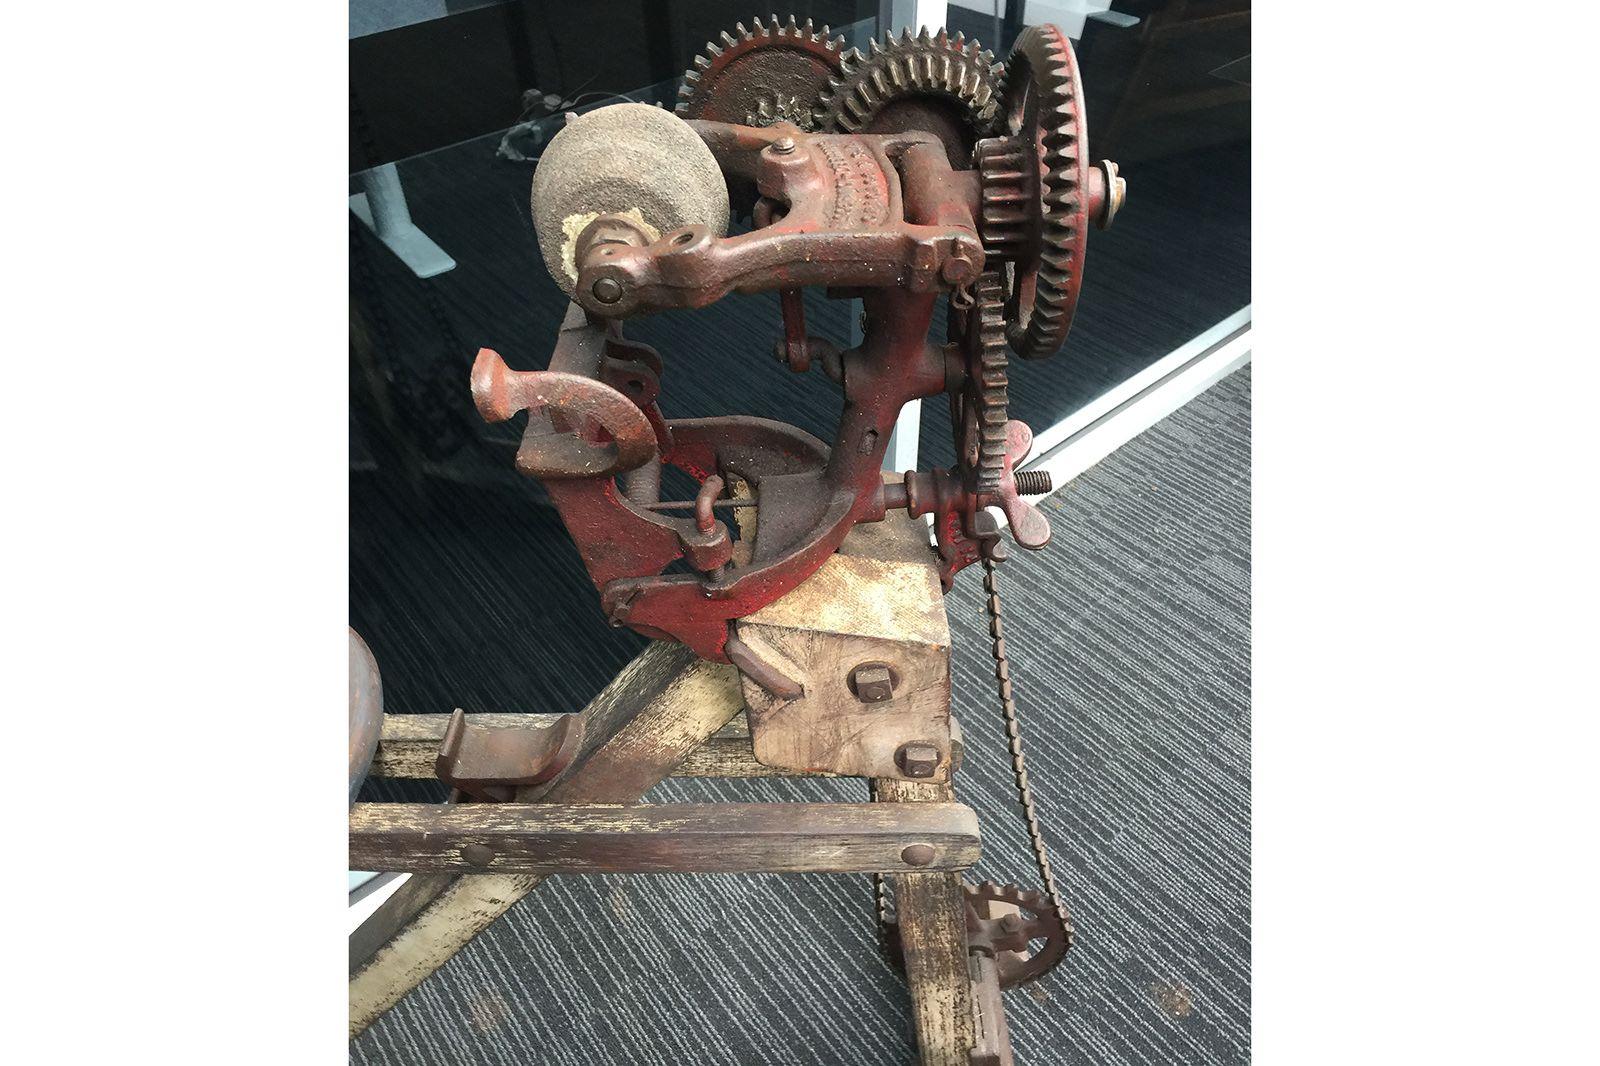 Vintage Pedal Grinder (Deering McCormick) circa 1930's